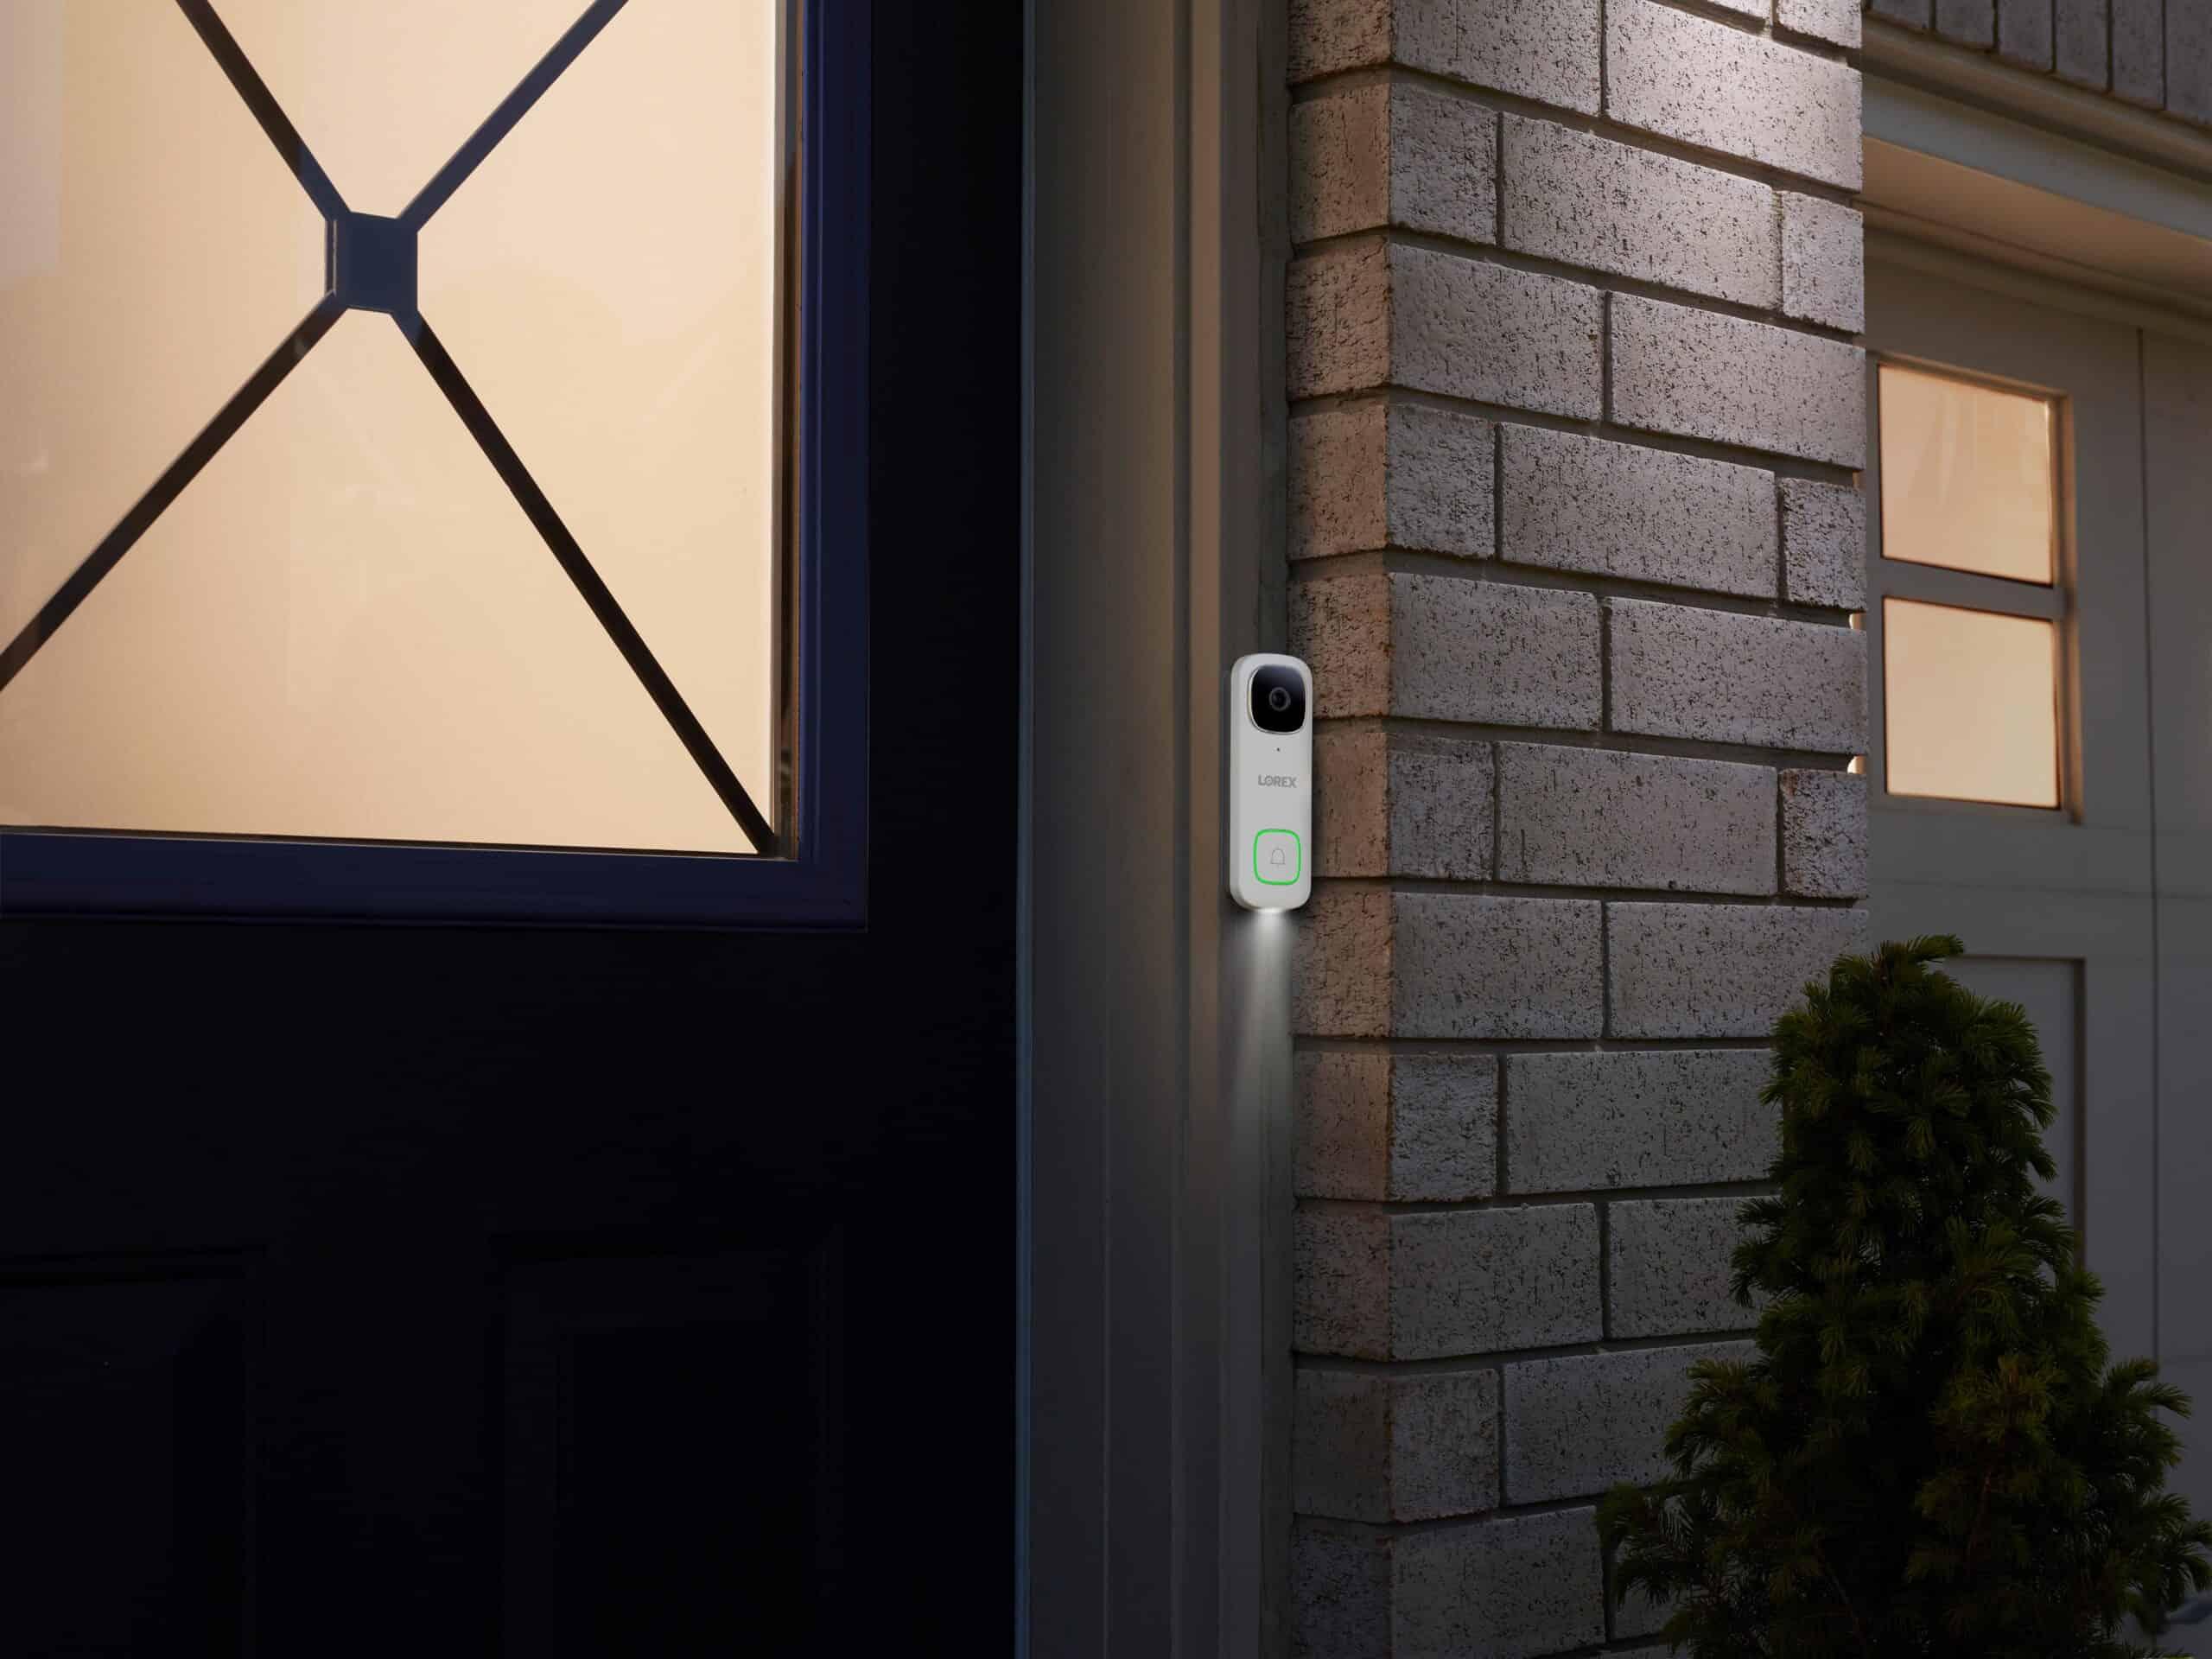 2K doorbell lifestyle image